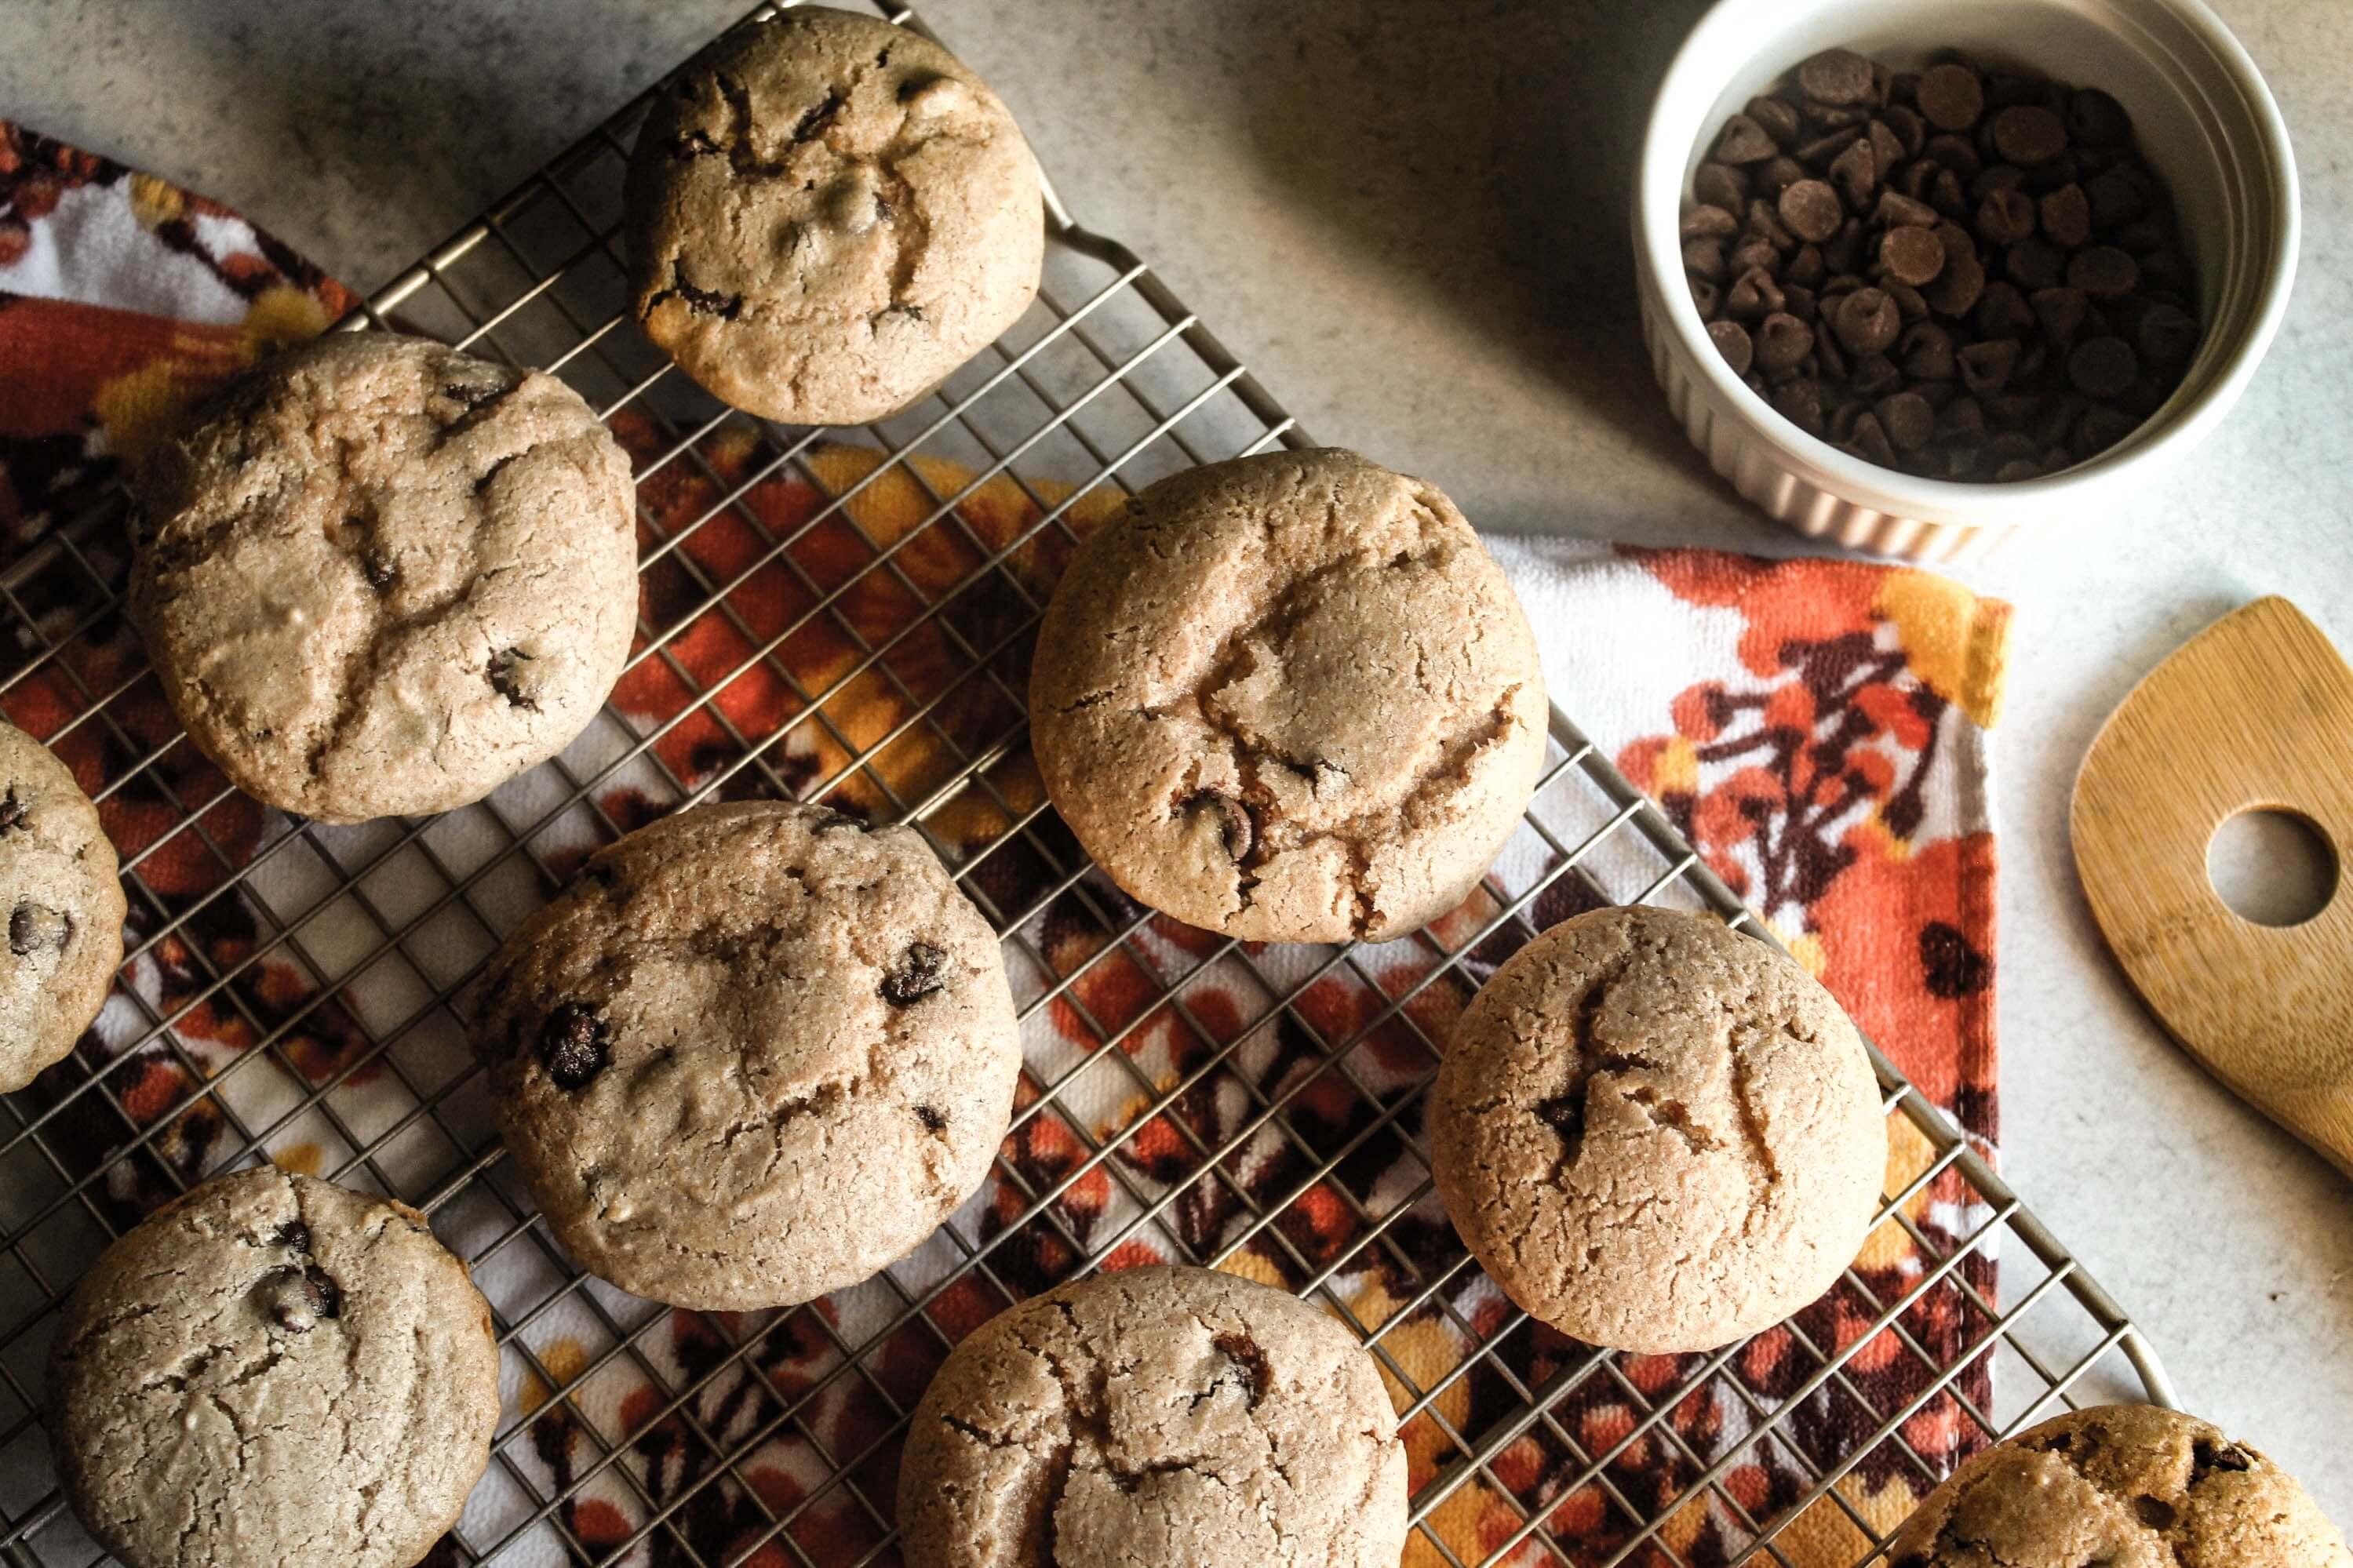 shared baked goods